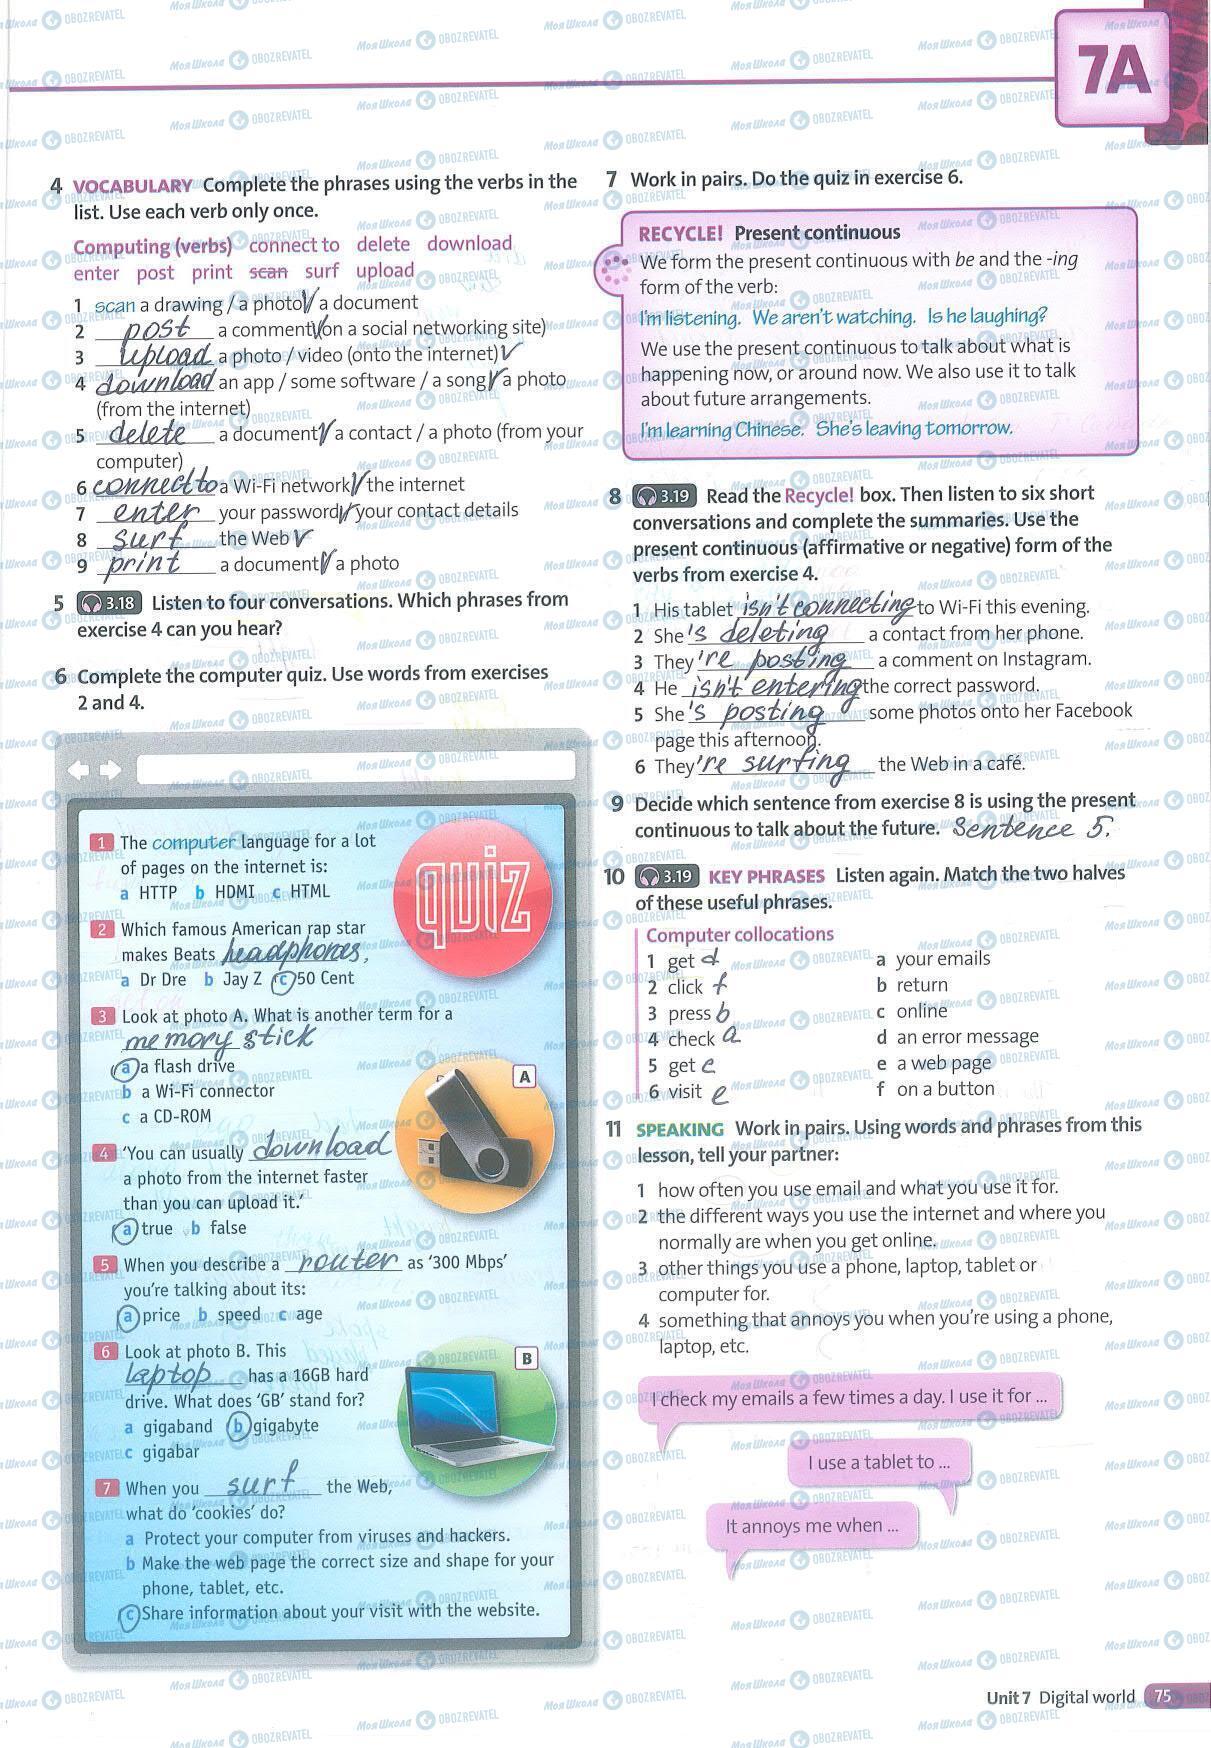 ГДЗ Англійська мова 5 клас сторінка 75